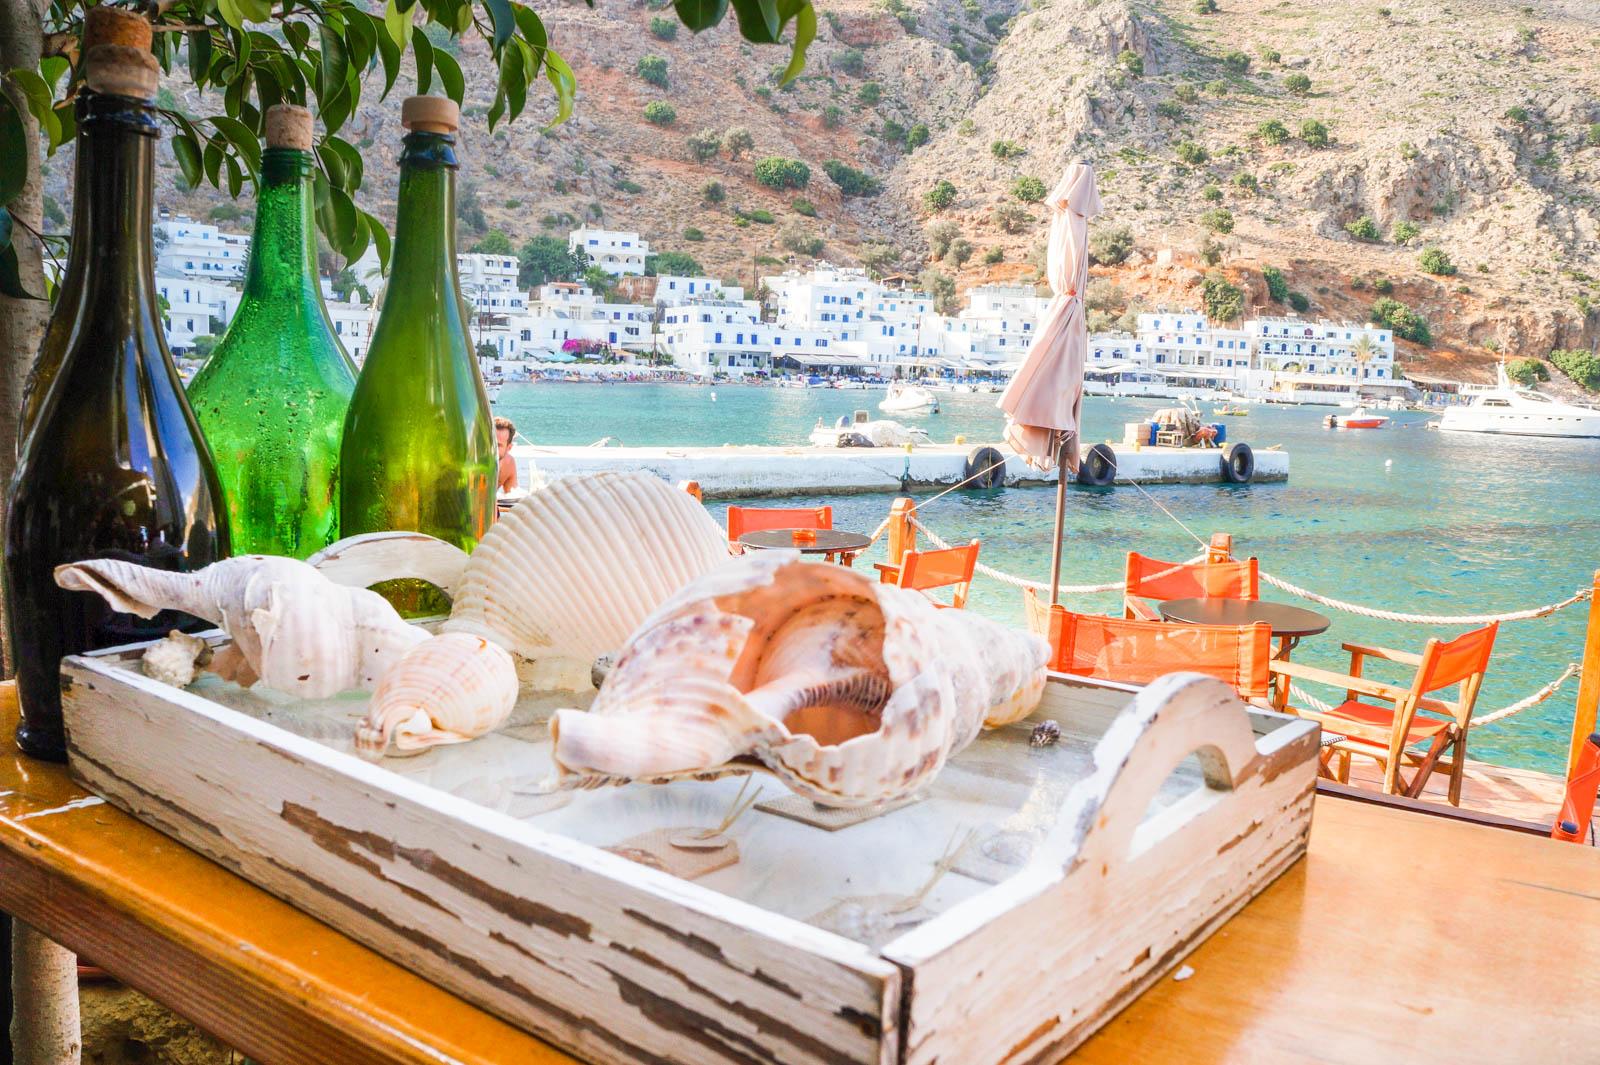 loutro-crete-greece-la-vie-en-blog-all-rights-reserved-16